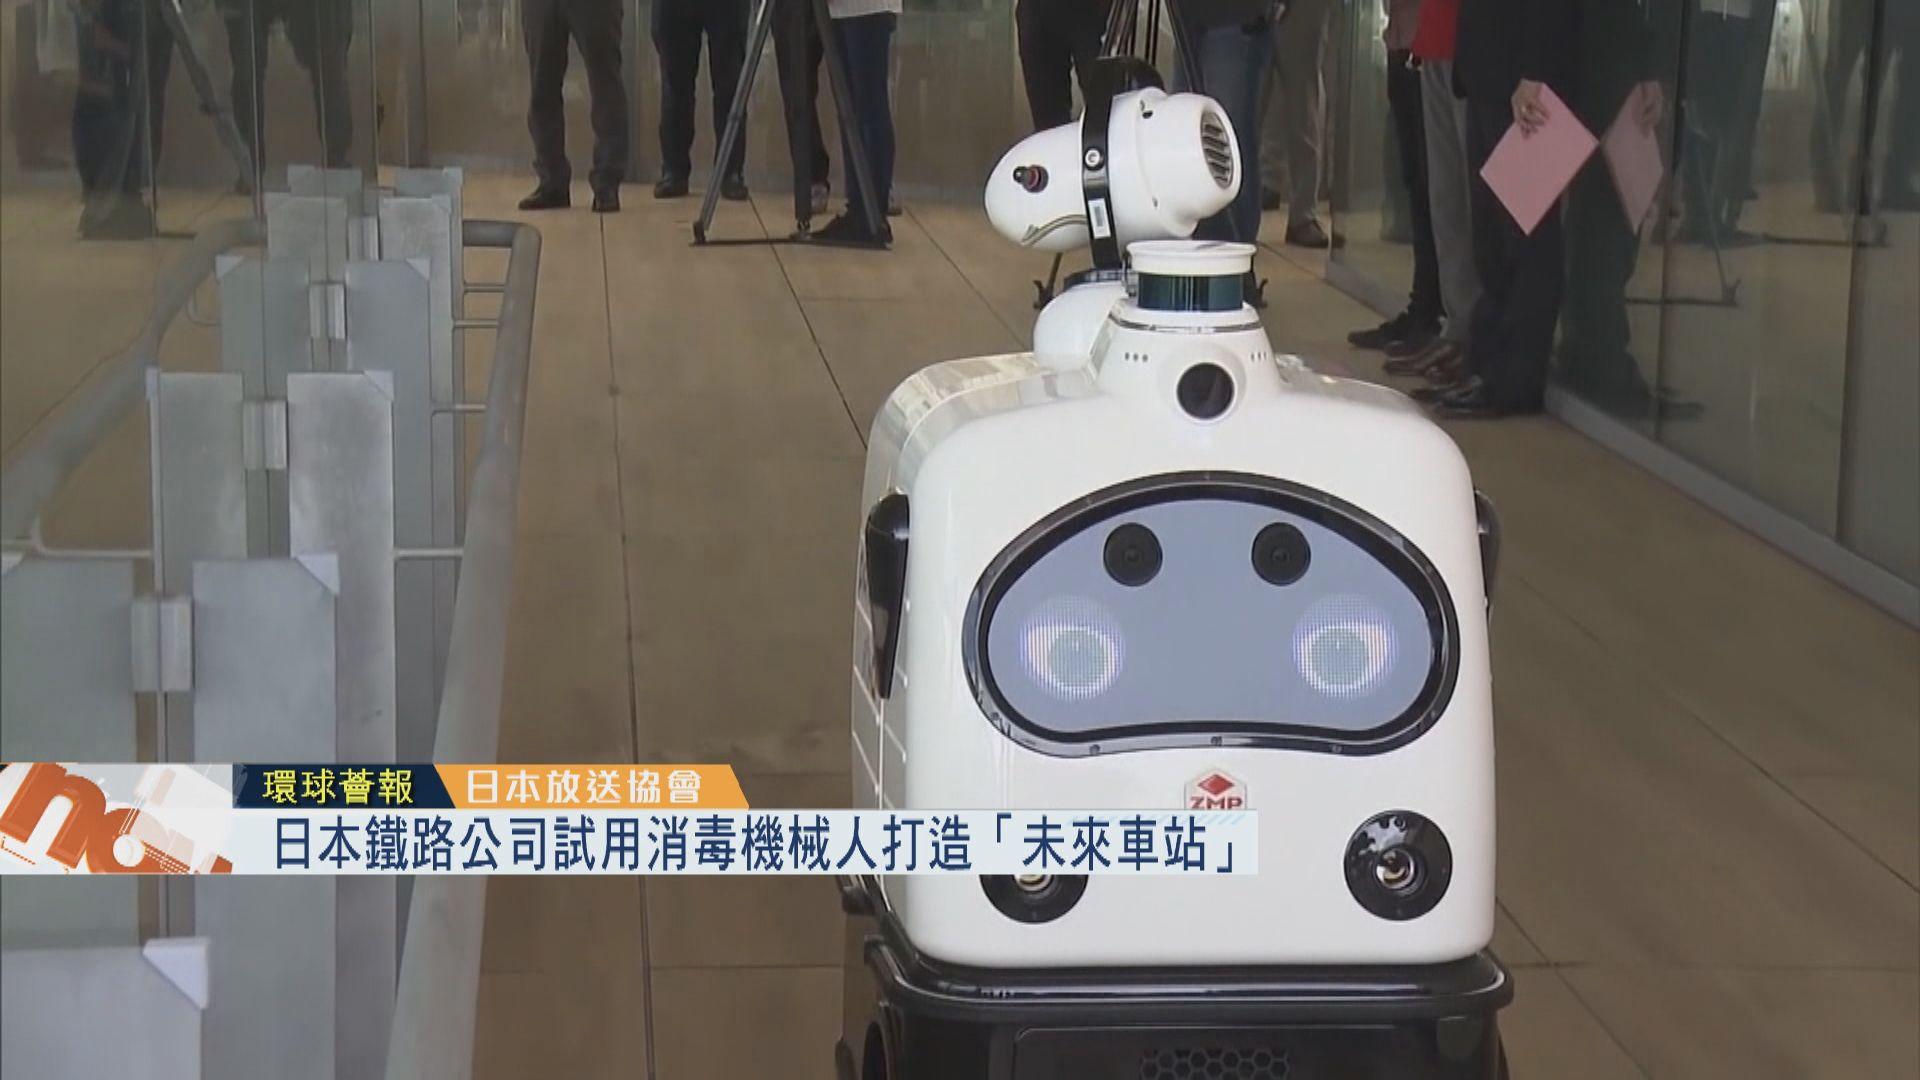 【環球薈報】日本鐵路公司試用消毒機械人打造「未來車站」